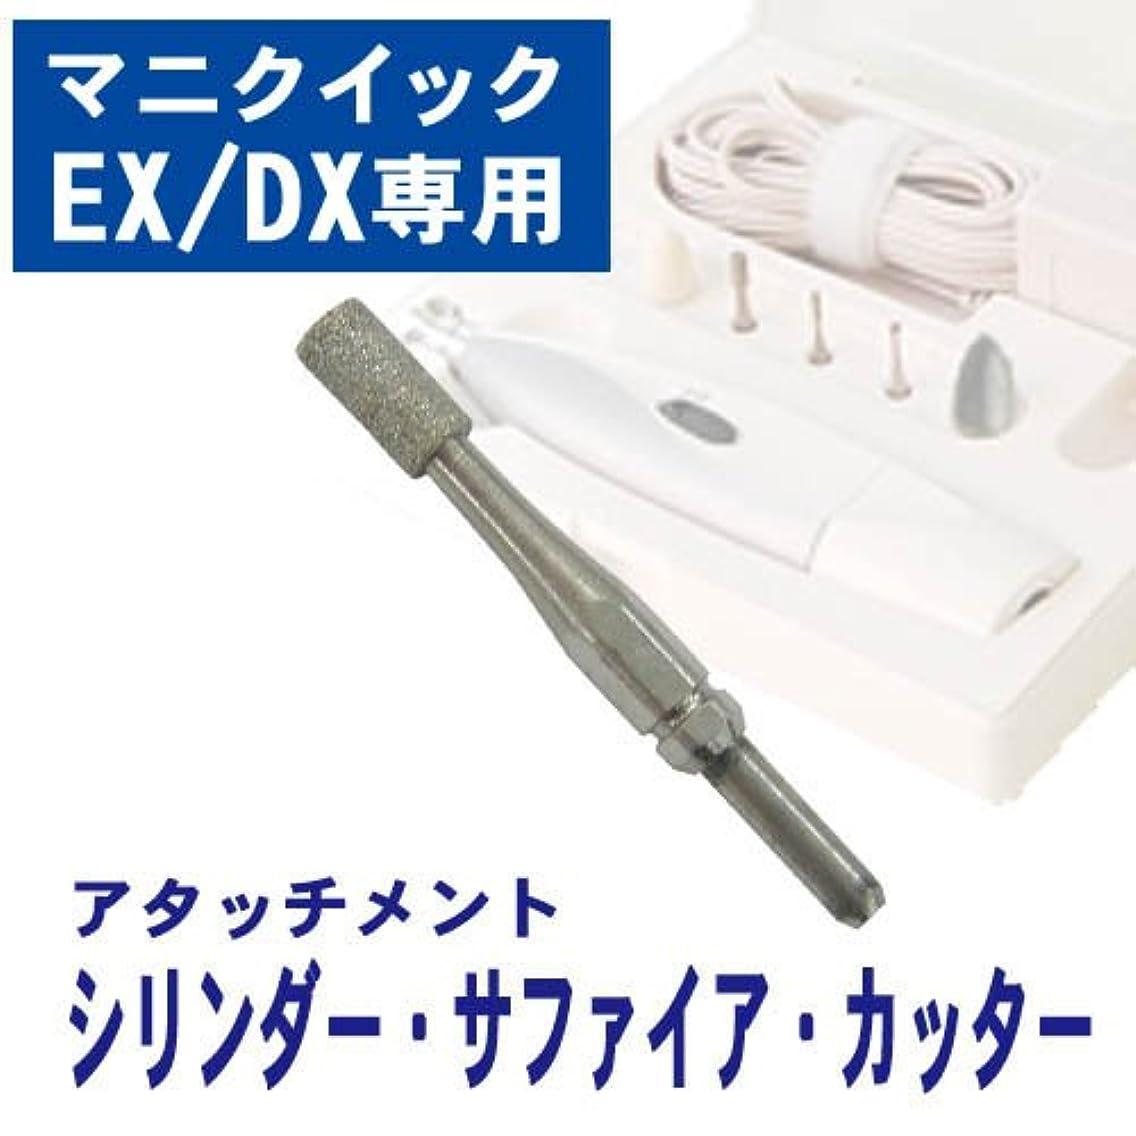 氏一族メトロポリタンマニクイックEX/DX 専用アタッチメント ( シリンダー?サファイア?カッター )